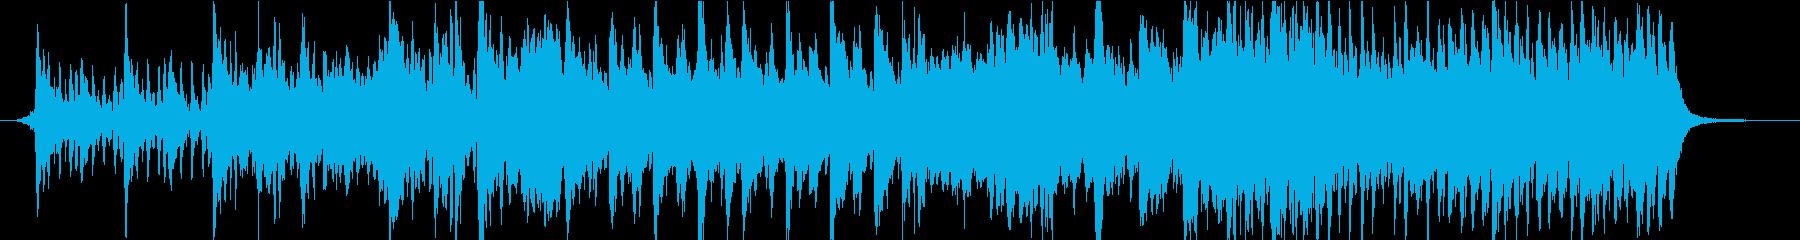 駆け出すようなCM映像向けオーケストラの再生済みの波形